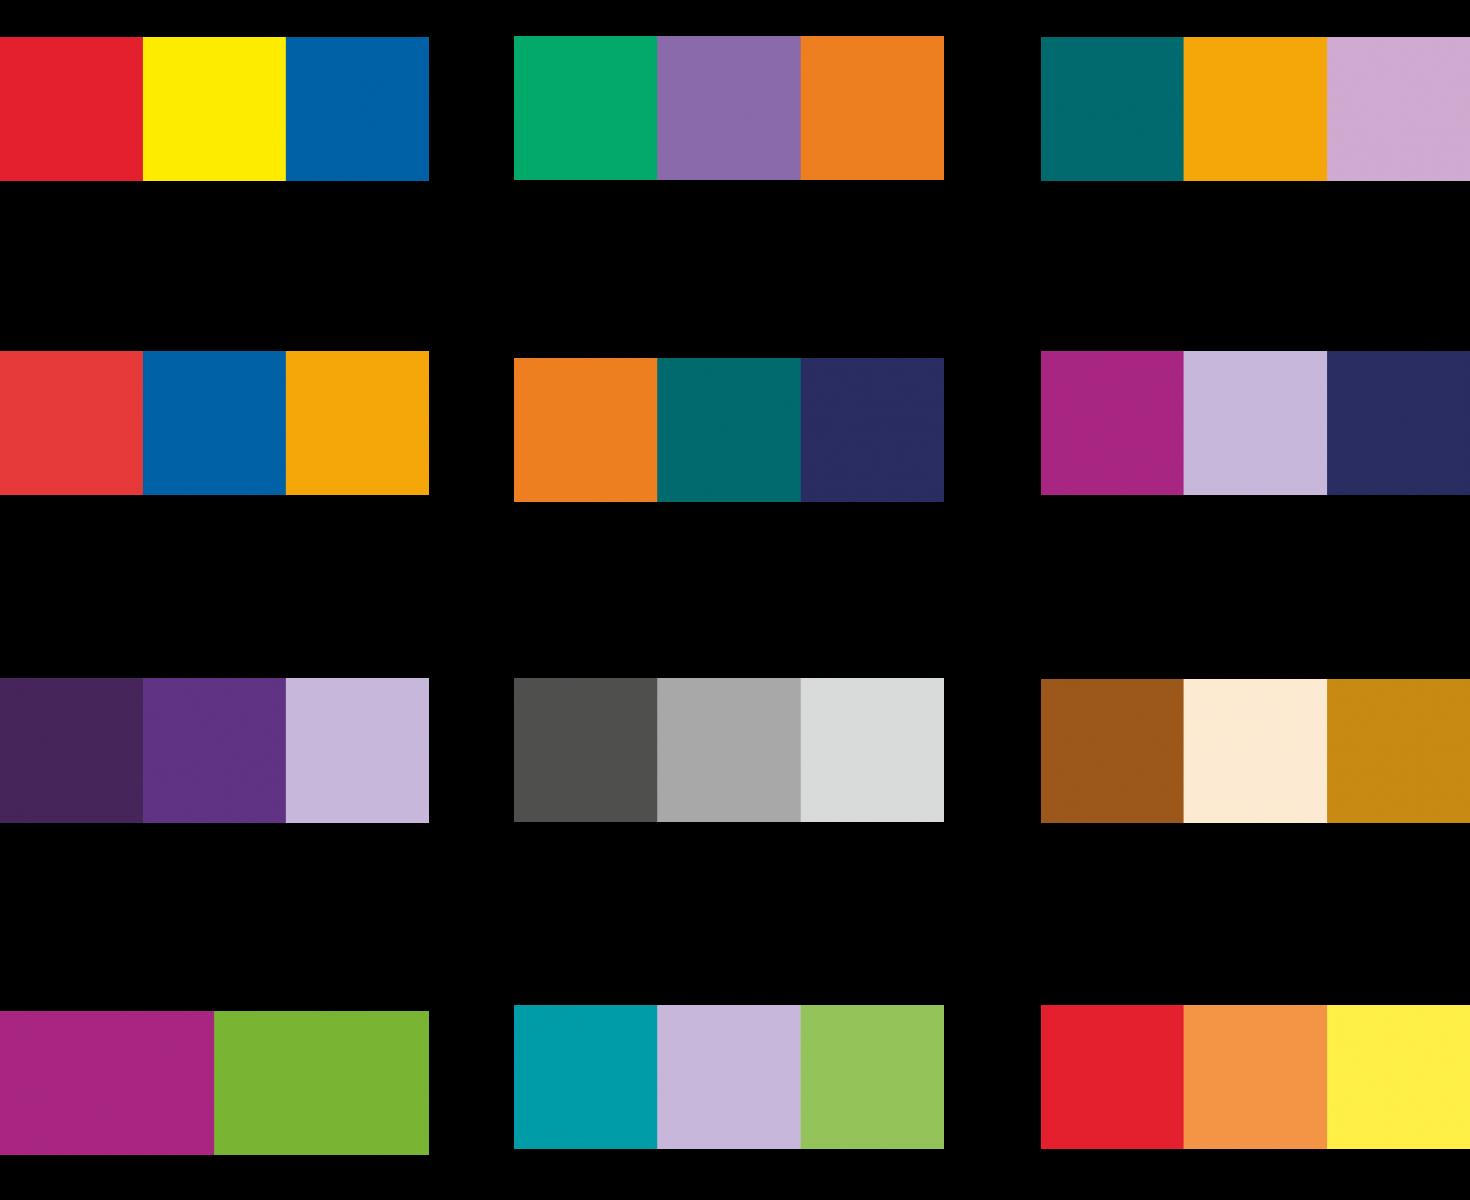 Combinazione colori di un logo